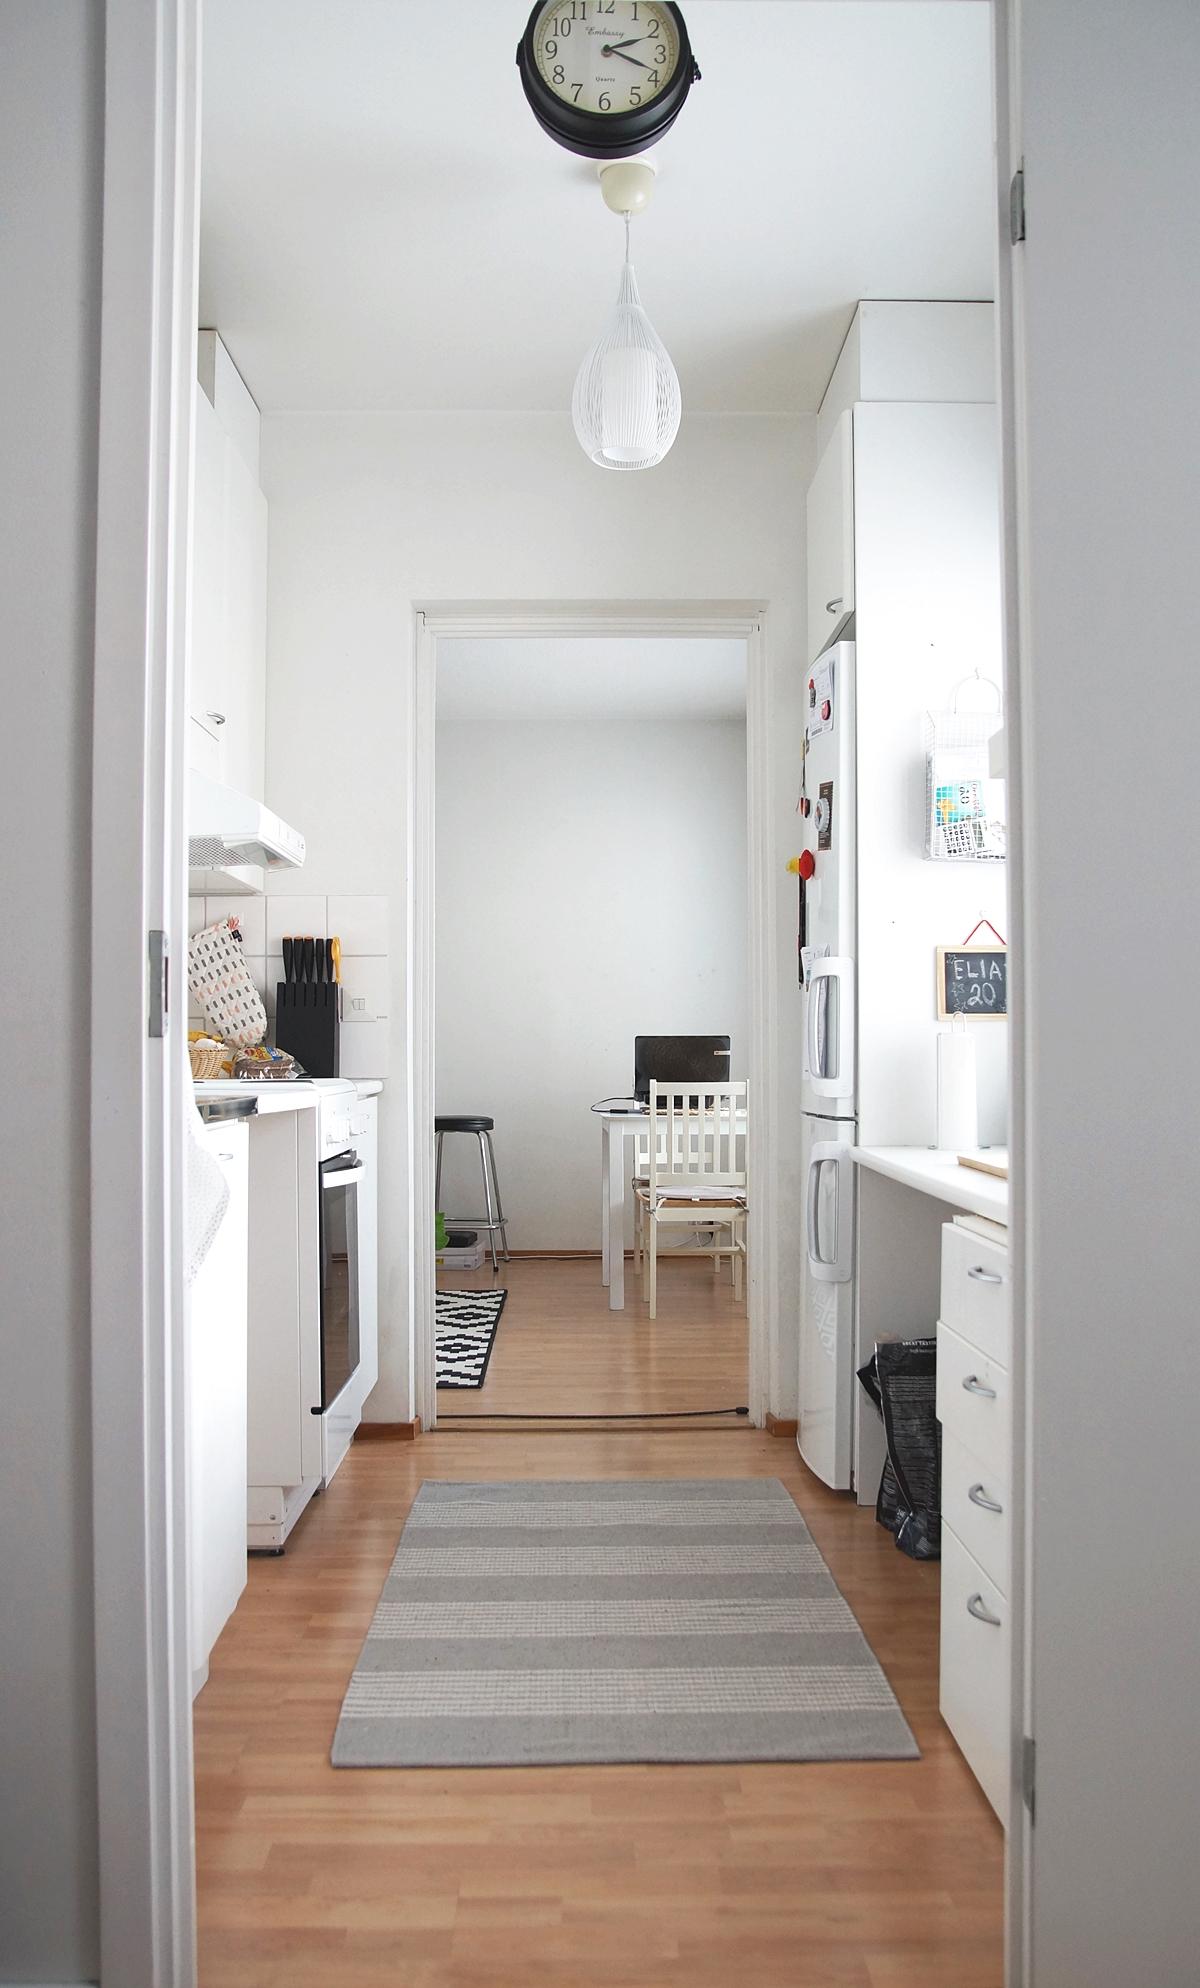 keittiö2_inkap